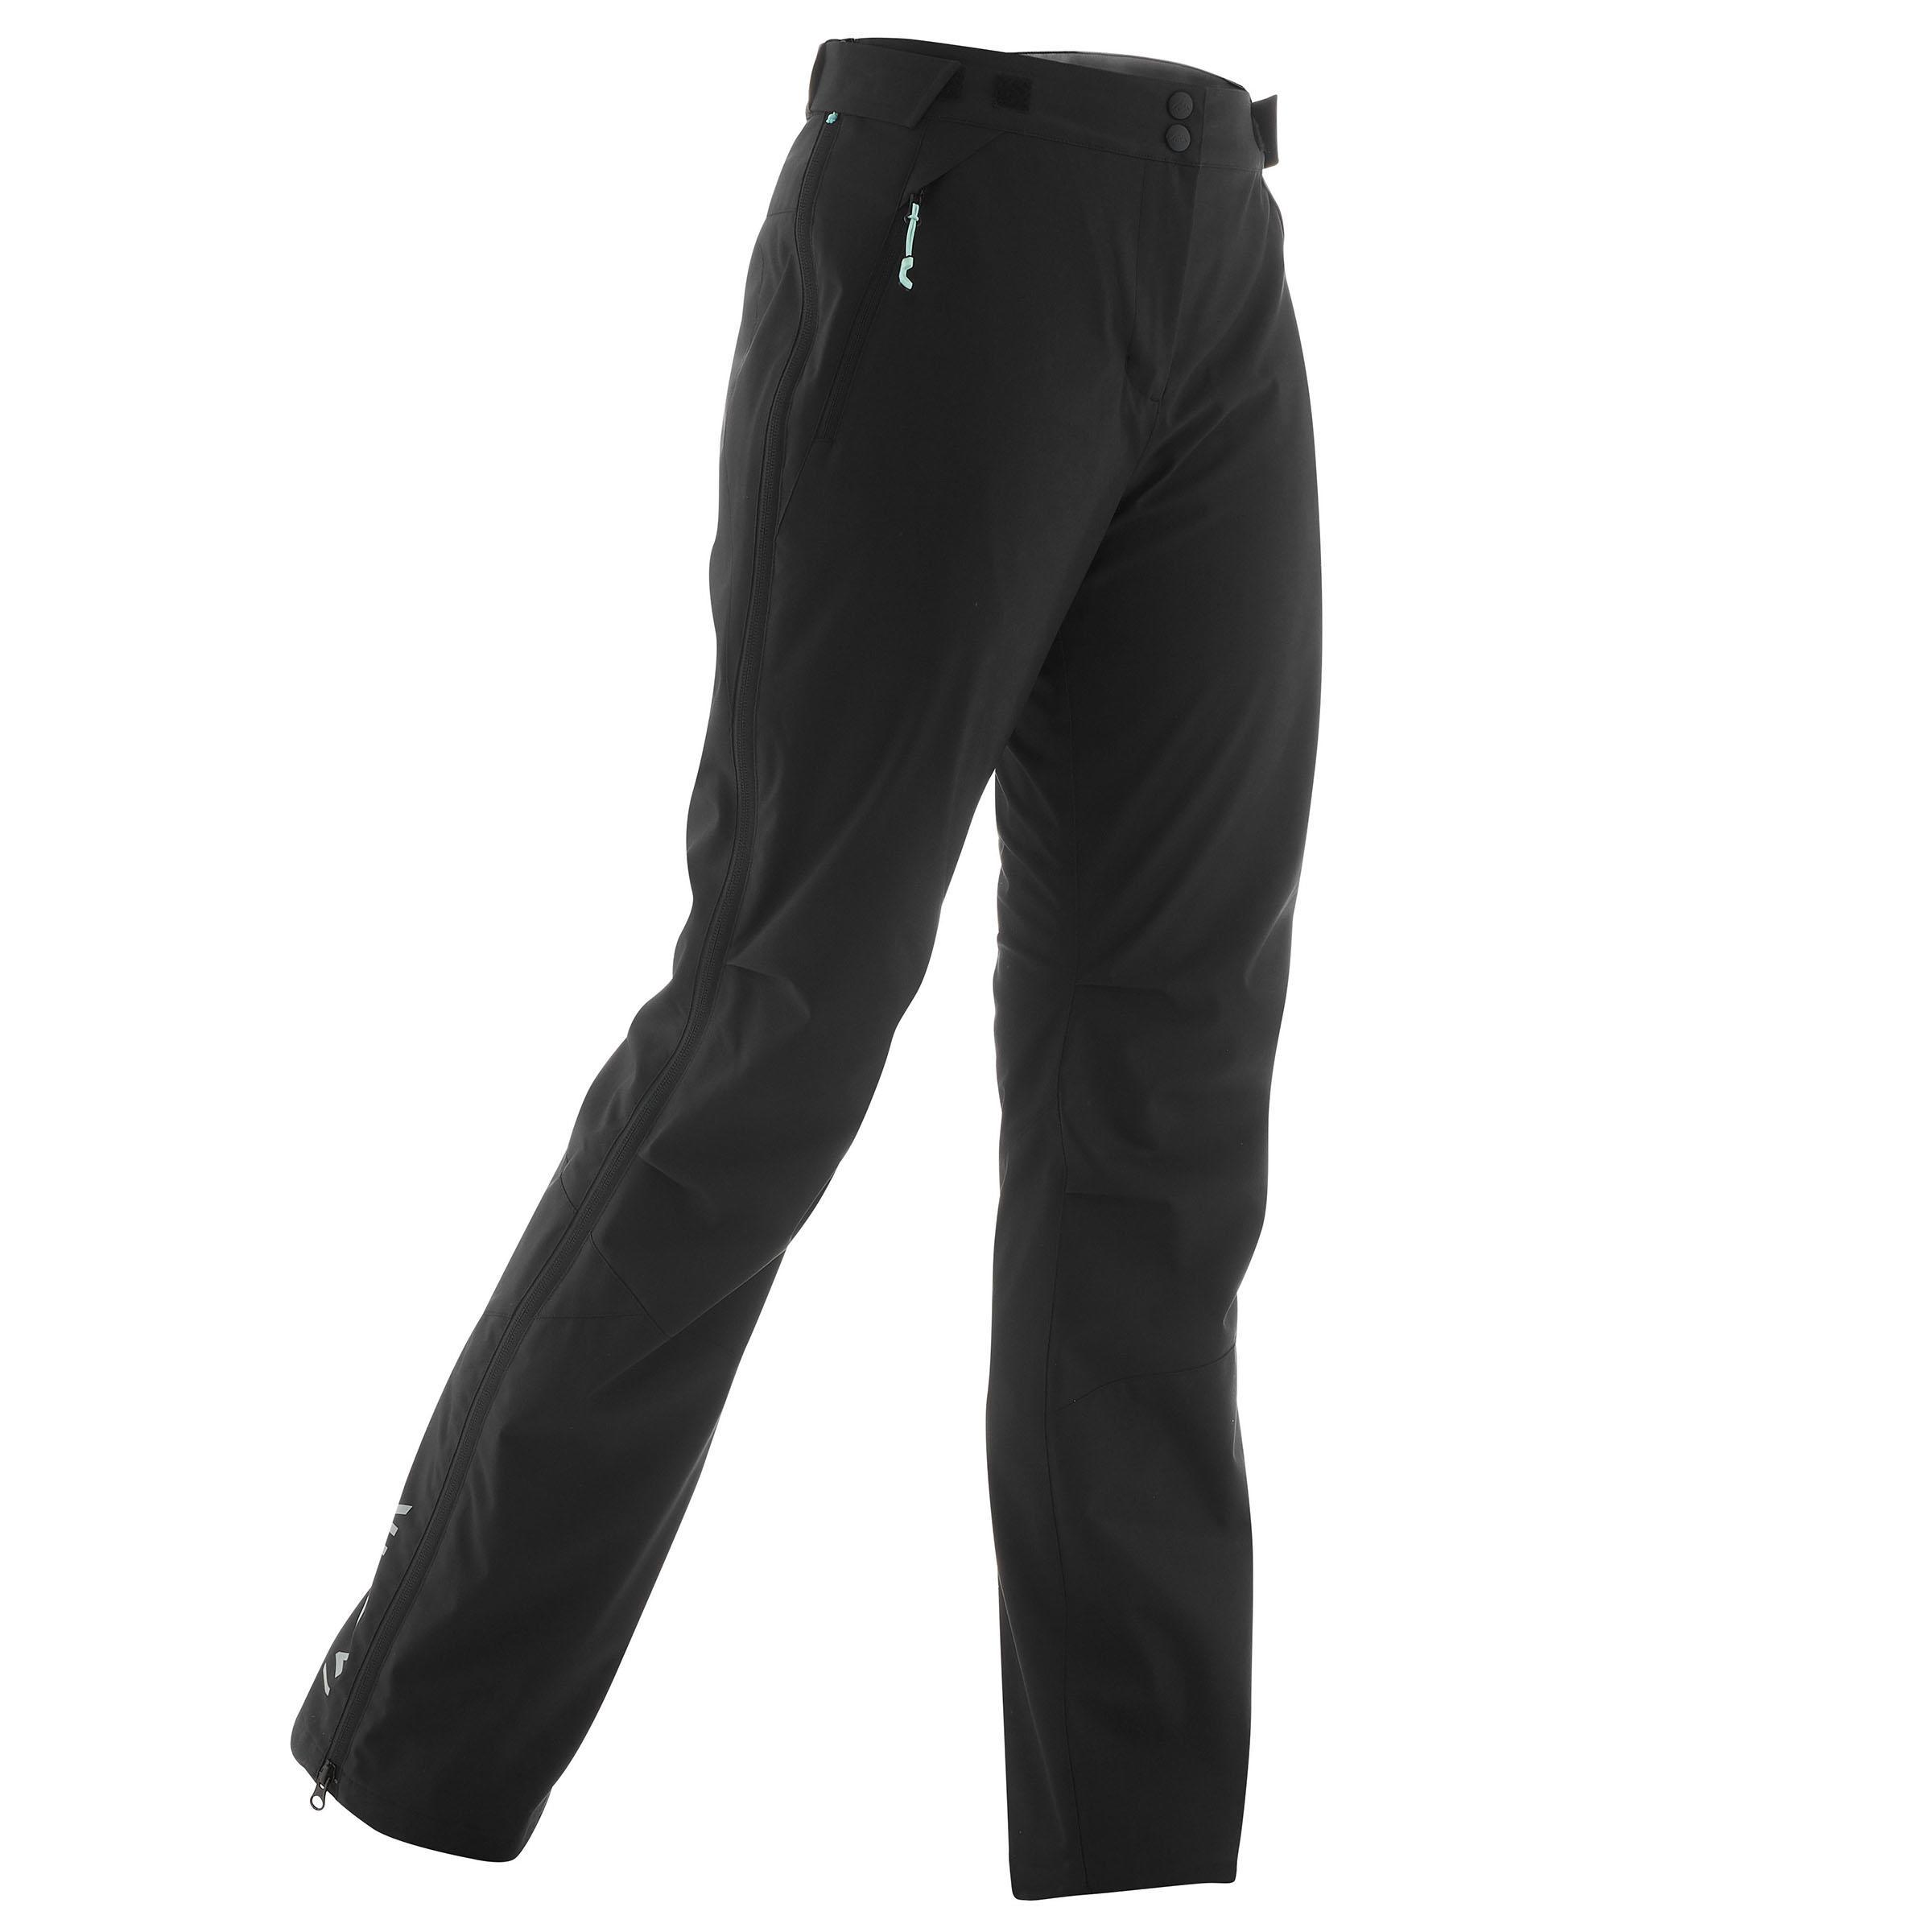 mejores ofertas en originales grandes ofertas pantalones esquí de travesía salomon active soft shell mujer ...